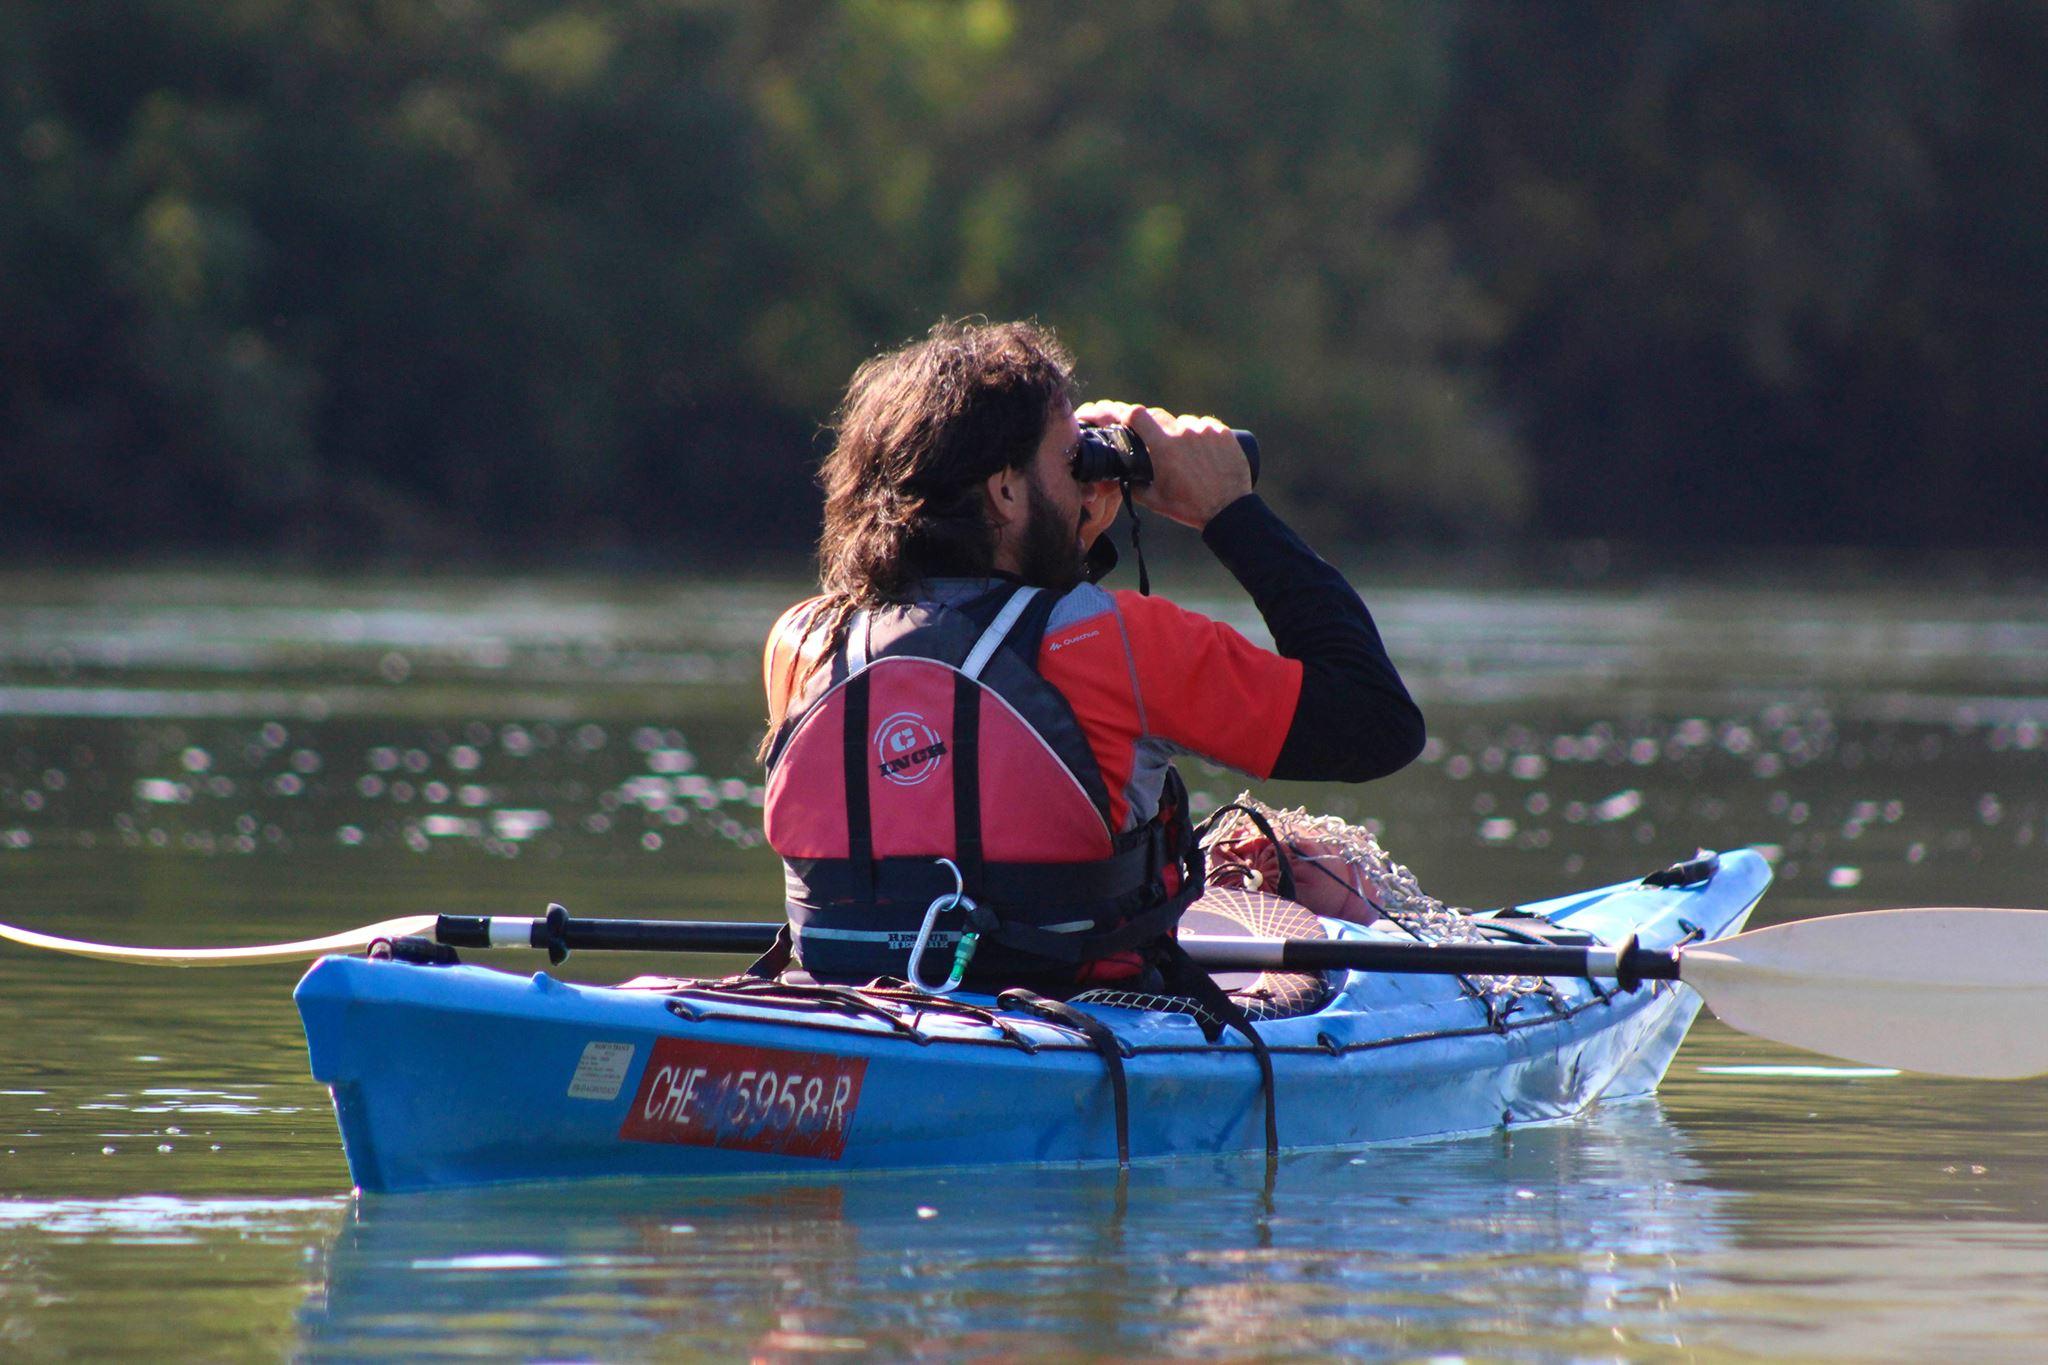 birdwatching riu ebre piragua mora turisme